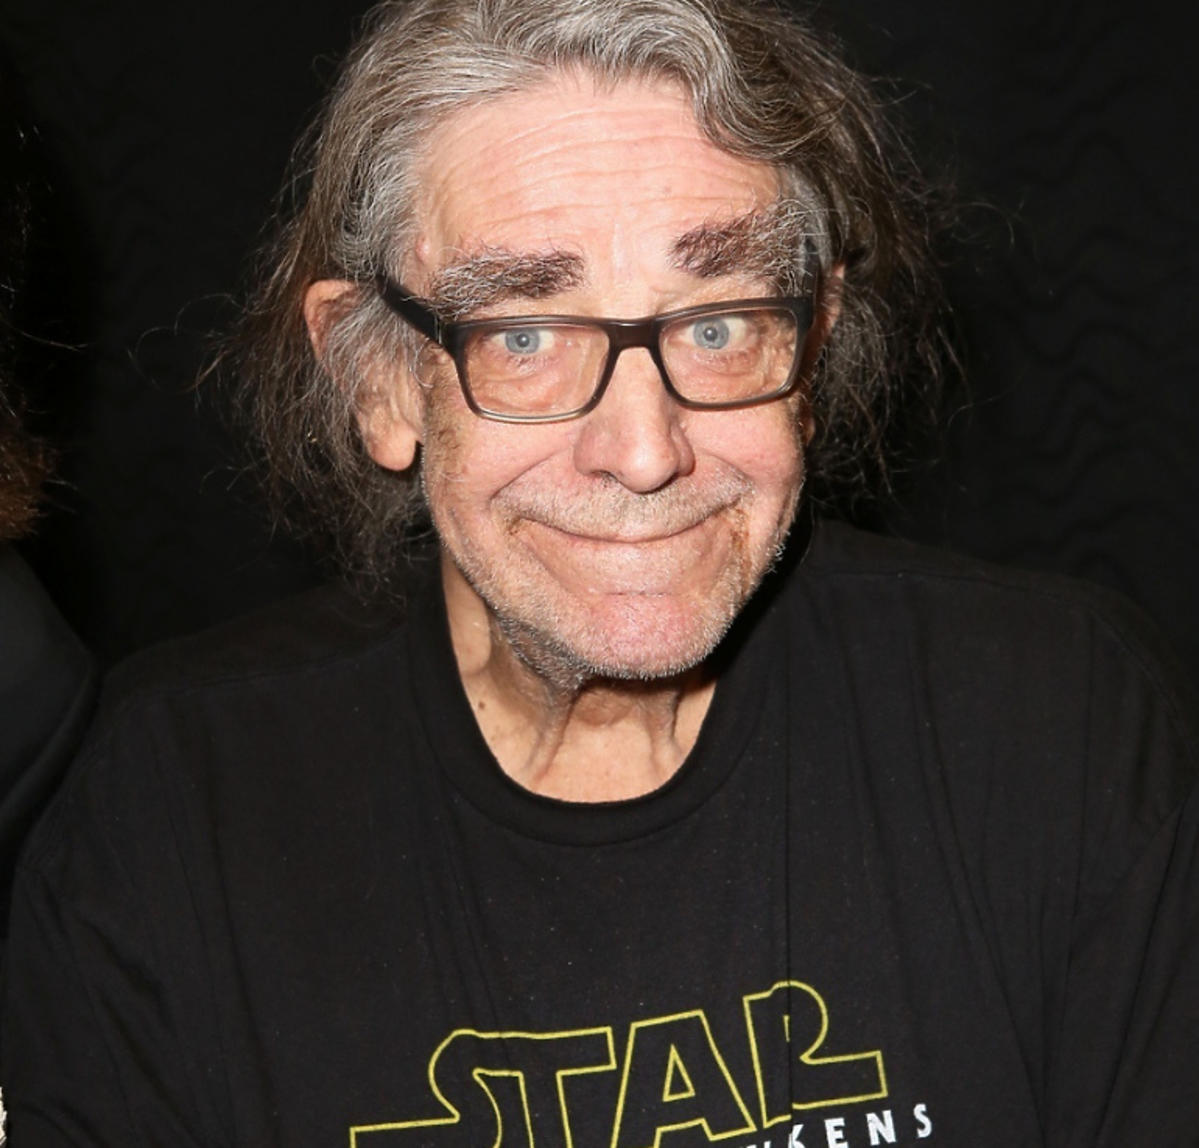 Nie żyje Peter Mayhew, legendarny Chewbacca z